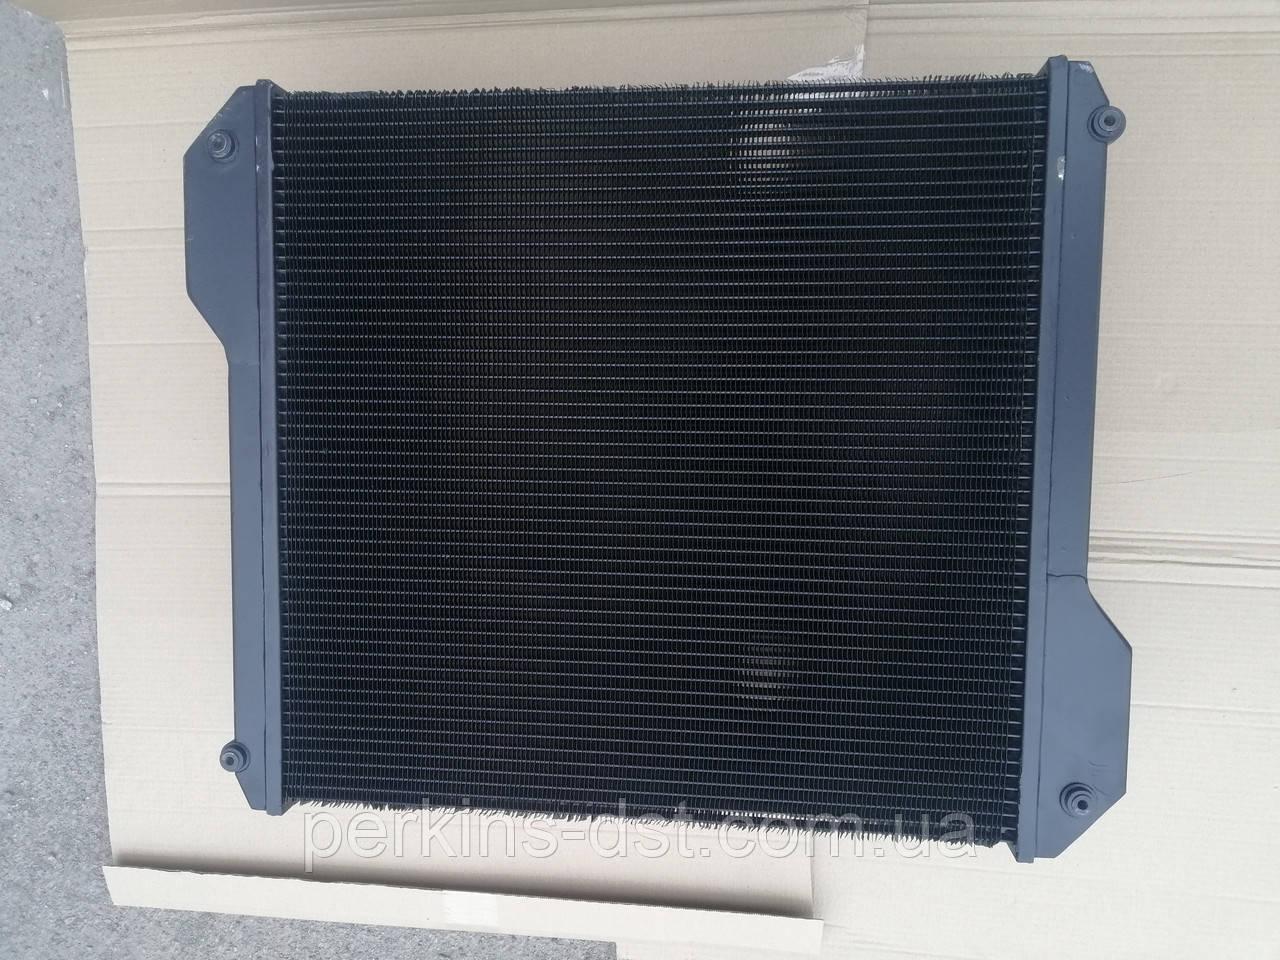 Радіатор охолодження 30/304000 JCB 530 двигуна Perkins 1004.40 T